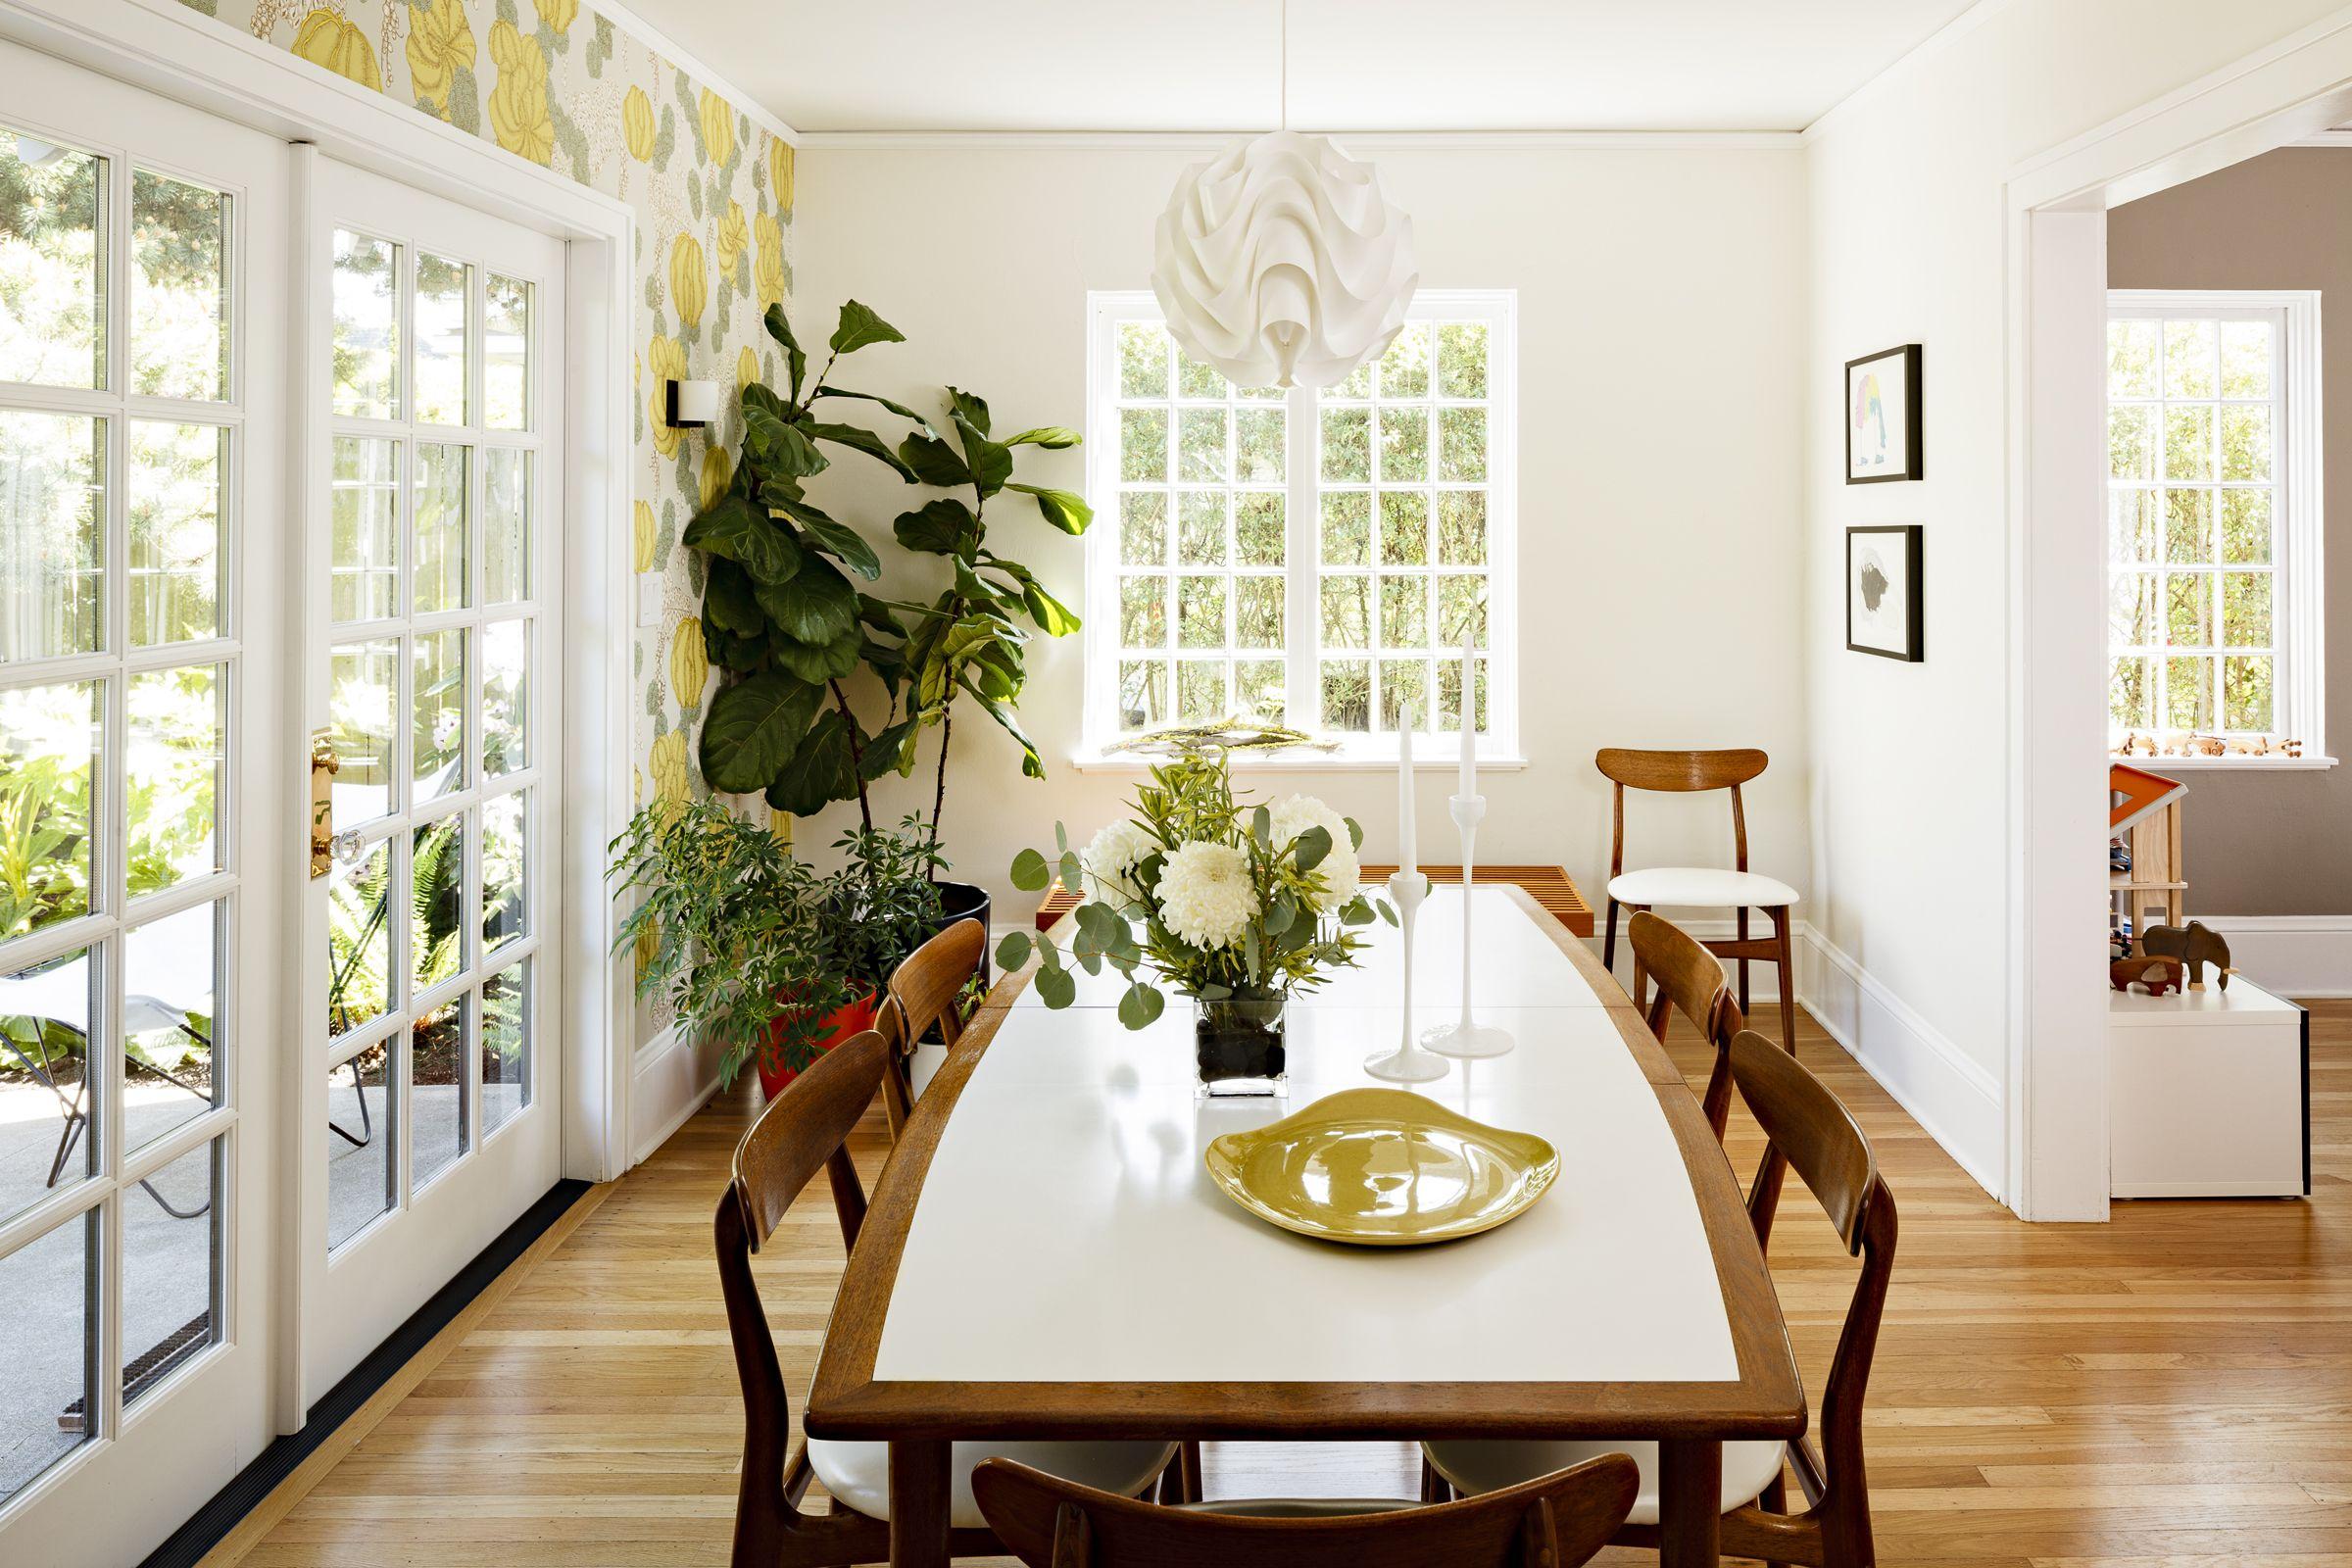 15 Charming Scandinavian Dining Room Design Ideas Home Design Lover Scandinavian Dining Room Dining Room Cozy Beautiful Dining Rooms Charming scandinavian dining room